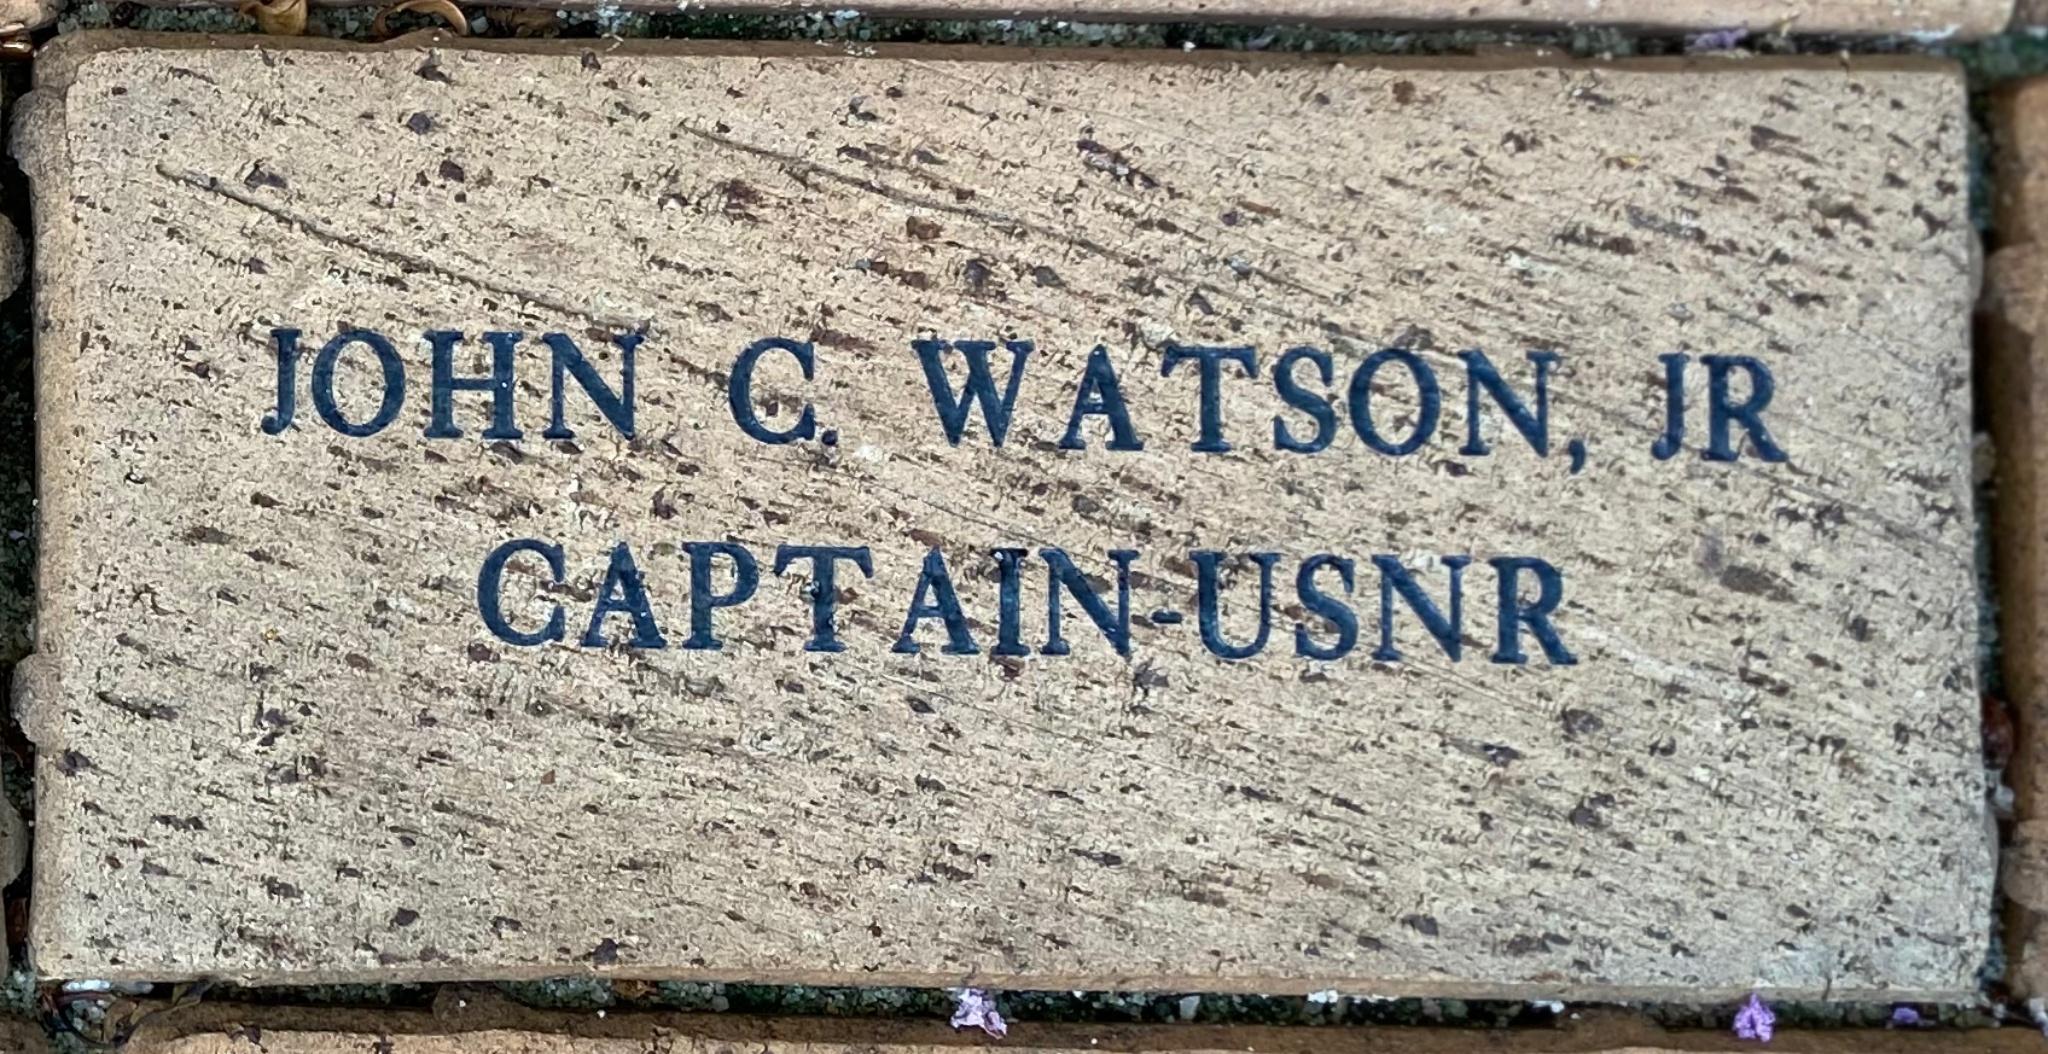 JOHN C. WATSON, JR CAPTAIN USNR